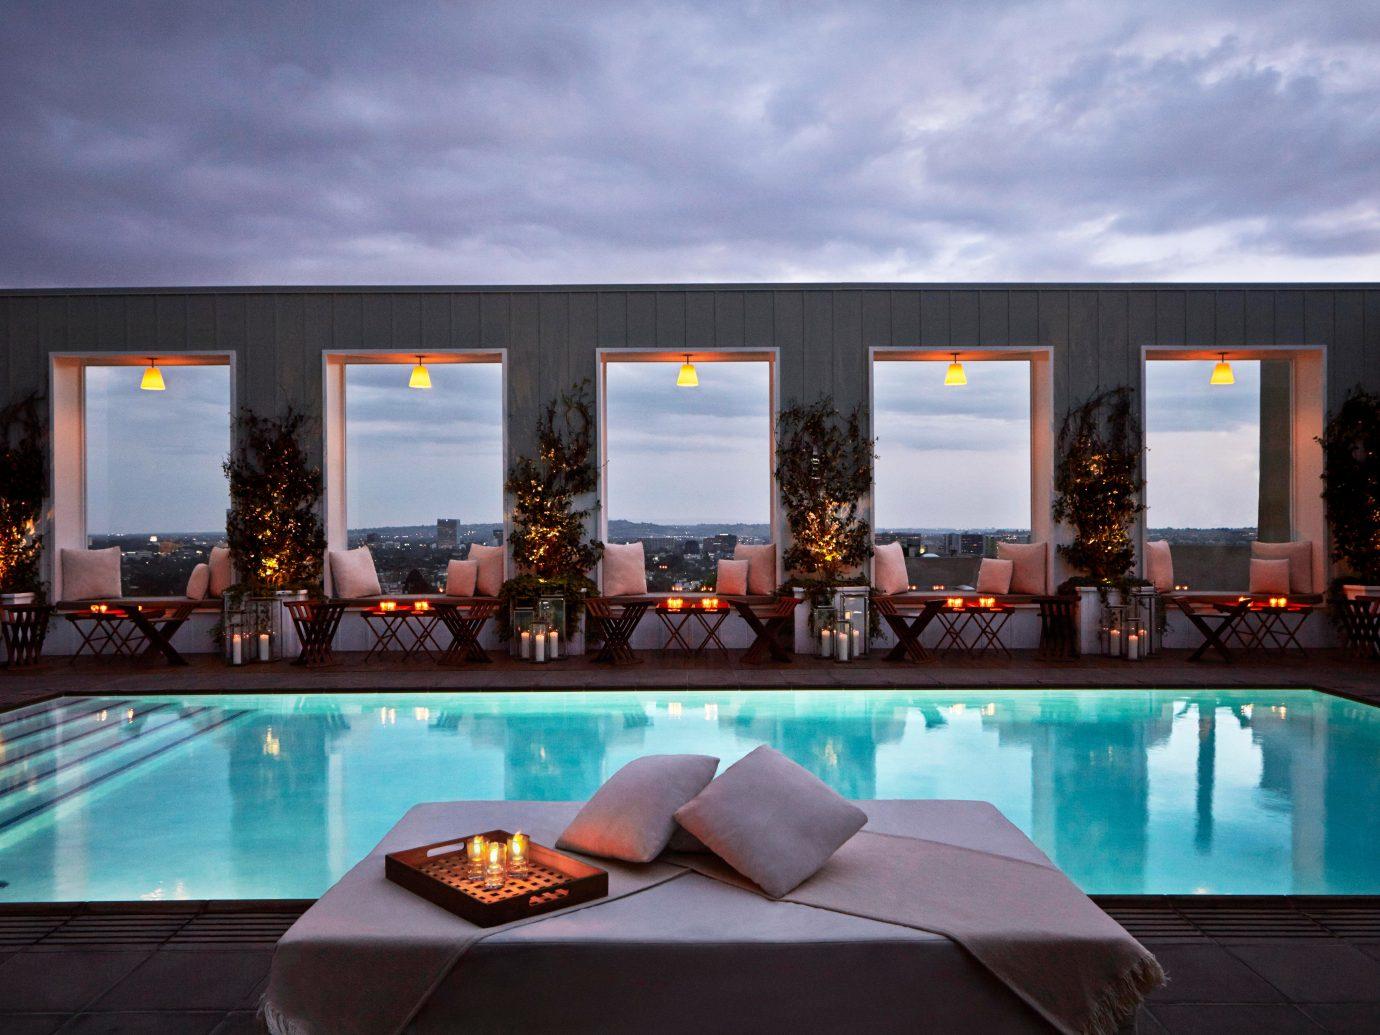 Hotels sky swimming pool leisure estate condominium interior design